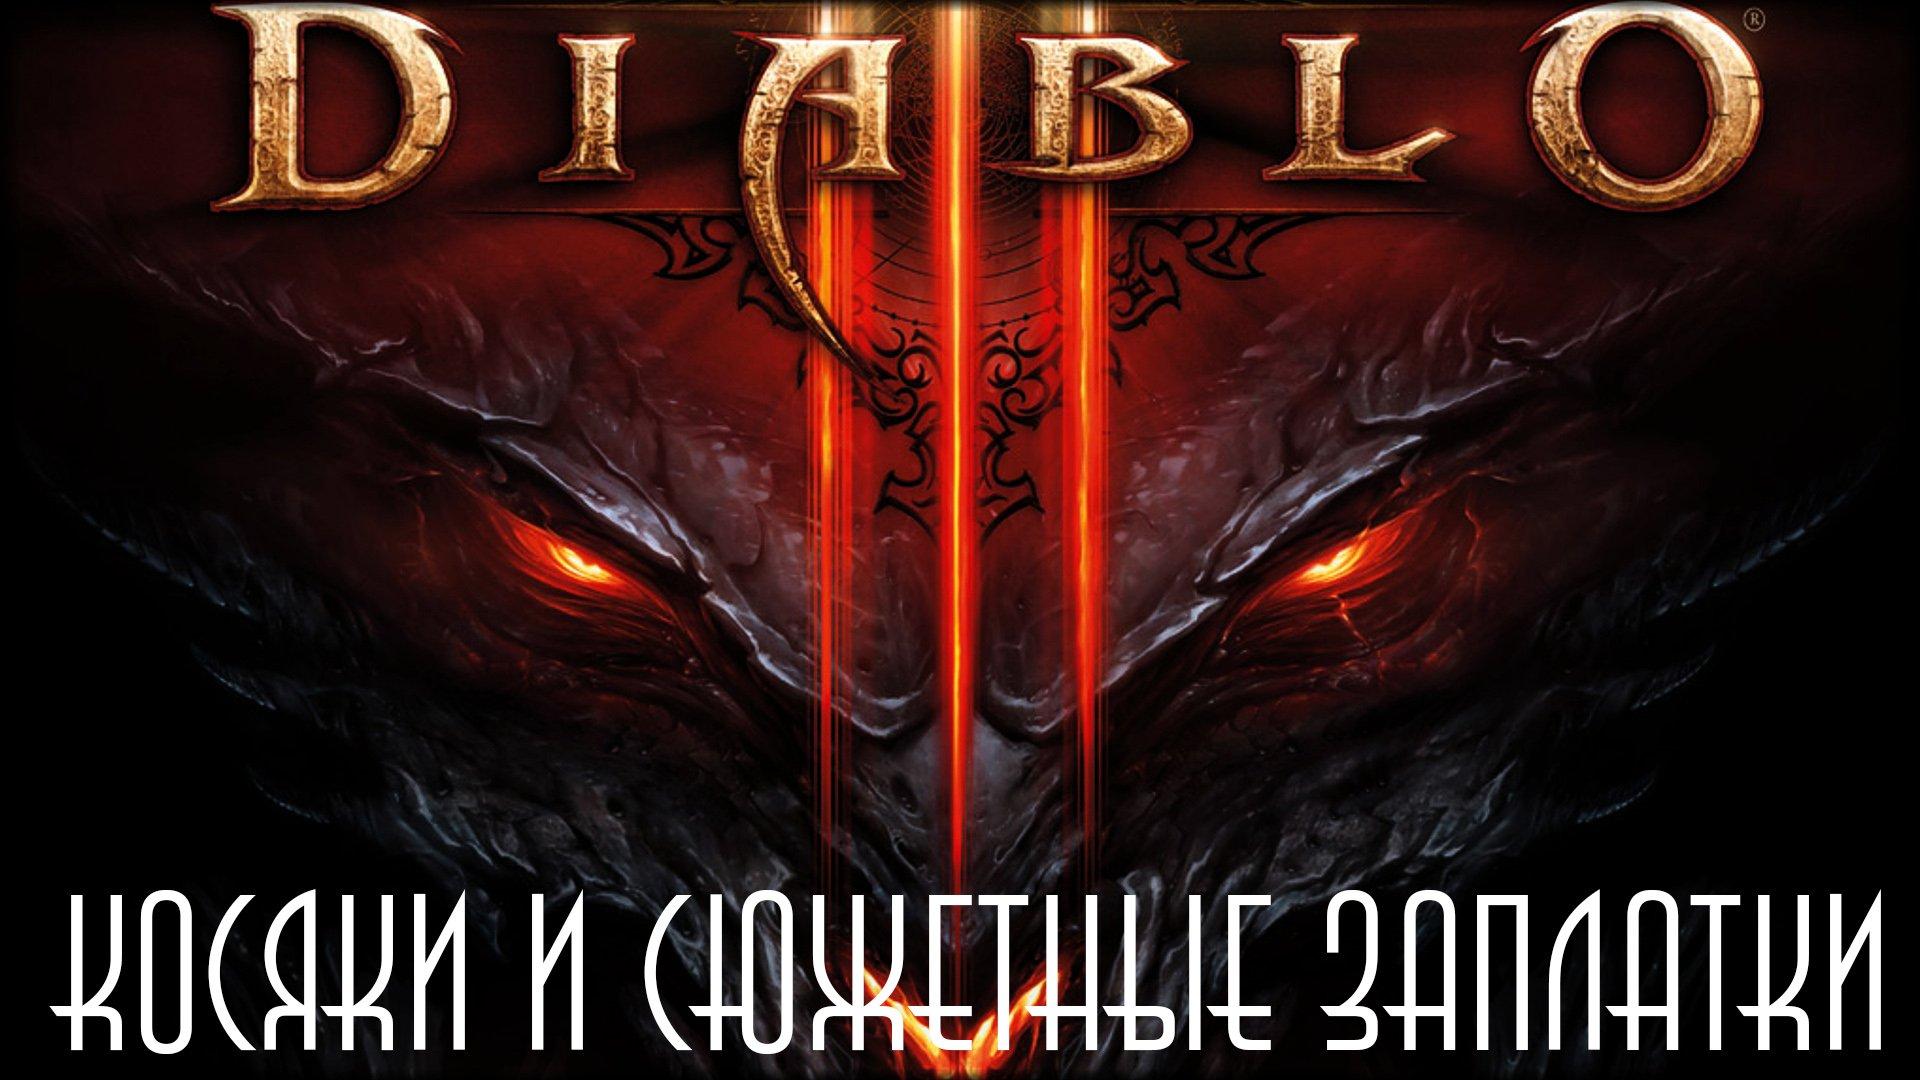 █ Прости, Отец, мы профукали Diablo 3 █ Часть 3 █ - Изображение 1